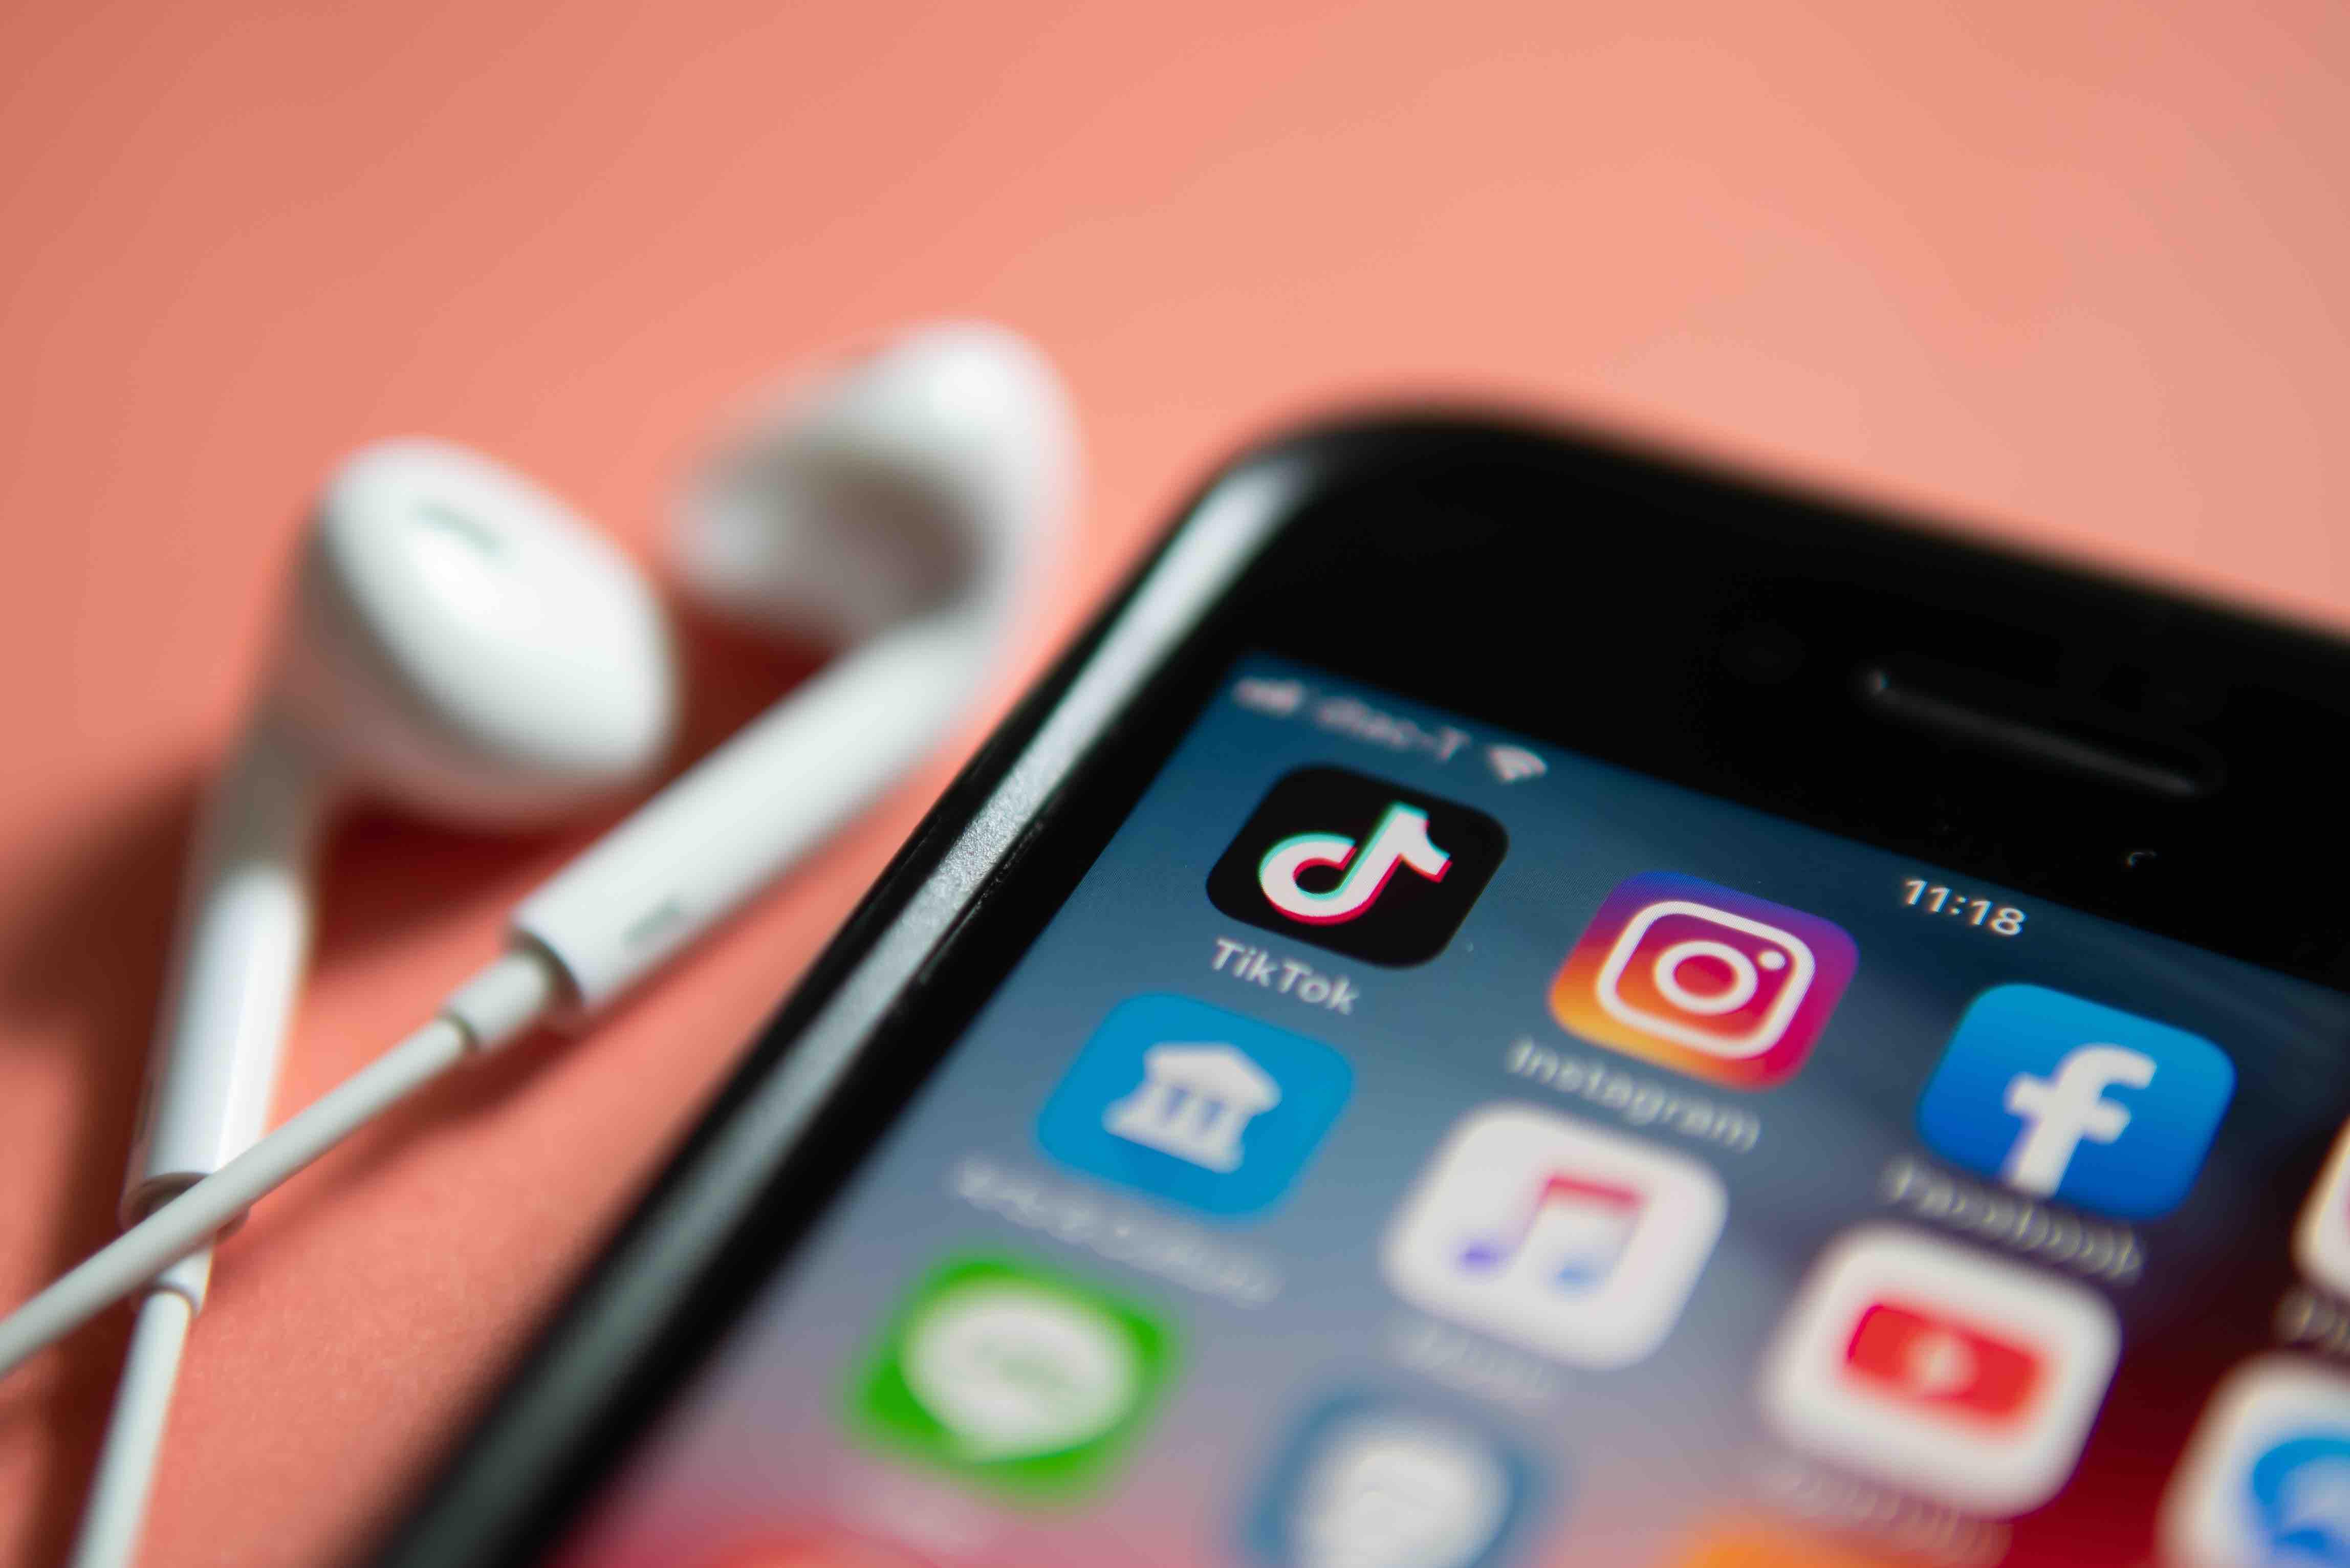 foto de smartphone ao lado de fones de ouvido com ícones de redes sociais